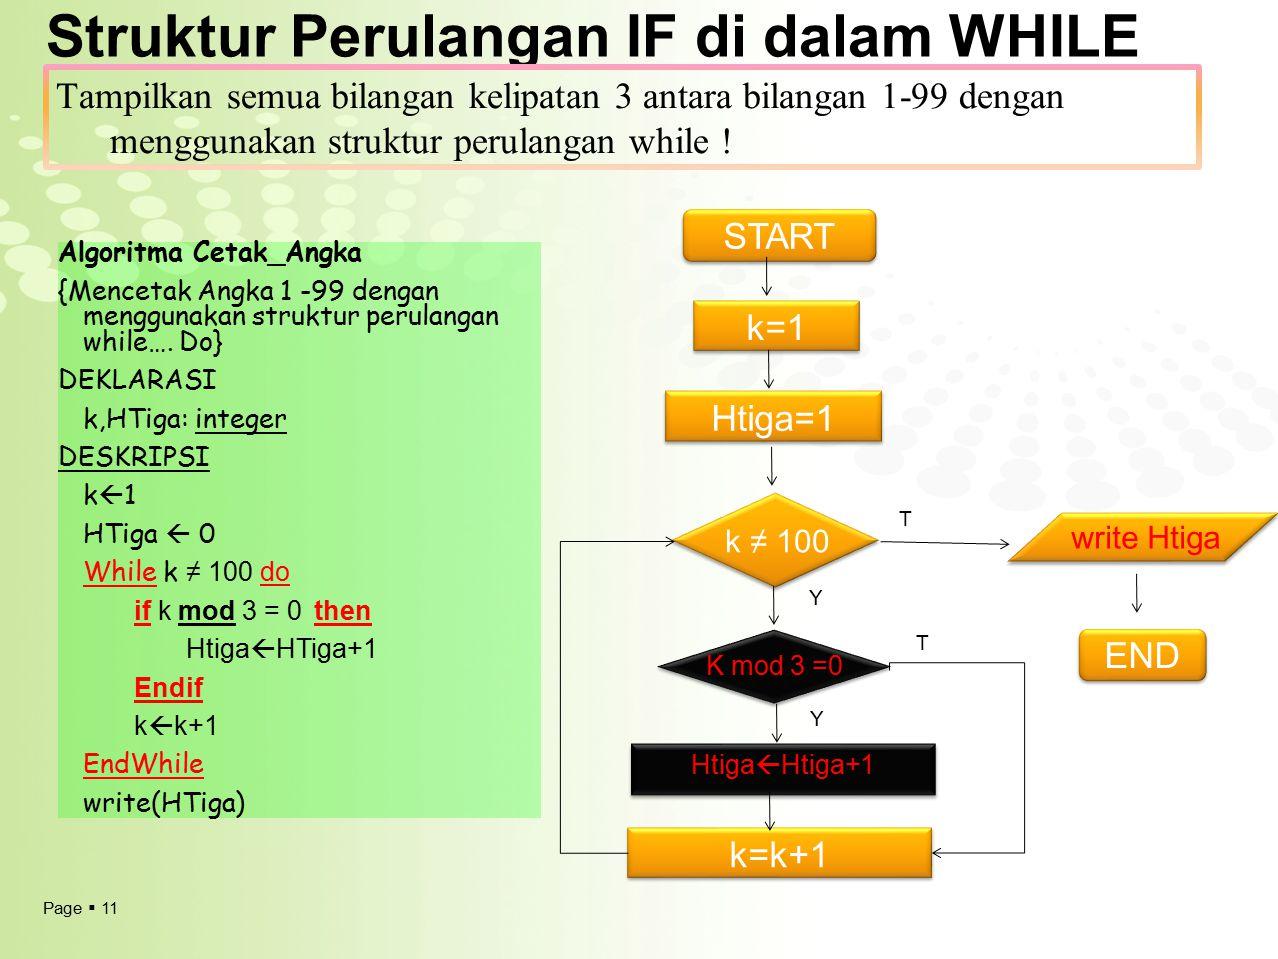 Struktur Perulangan IF di dalam WHILE